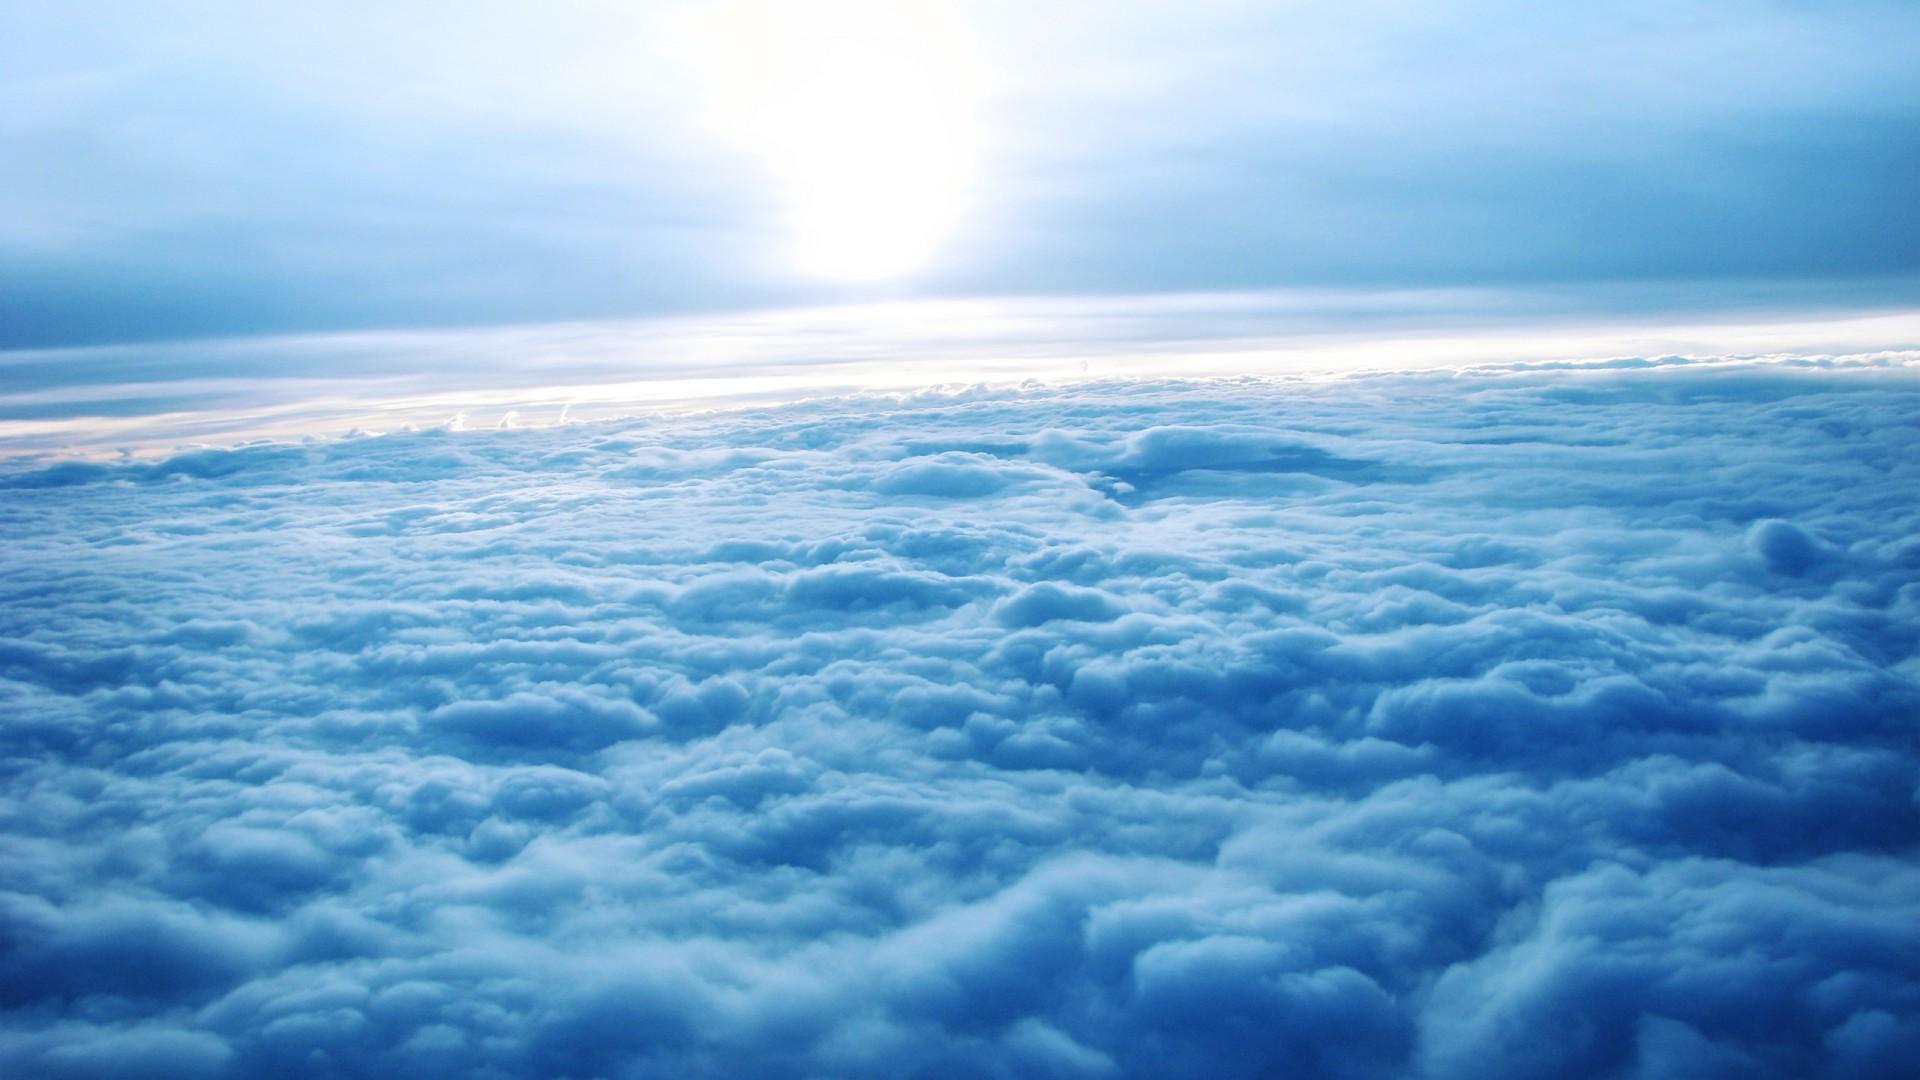 clouds wallpaper stunning